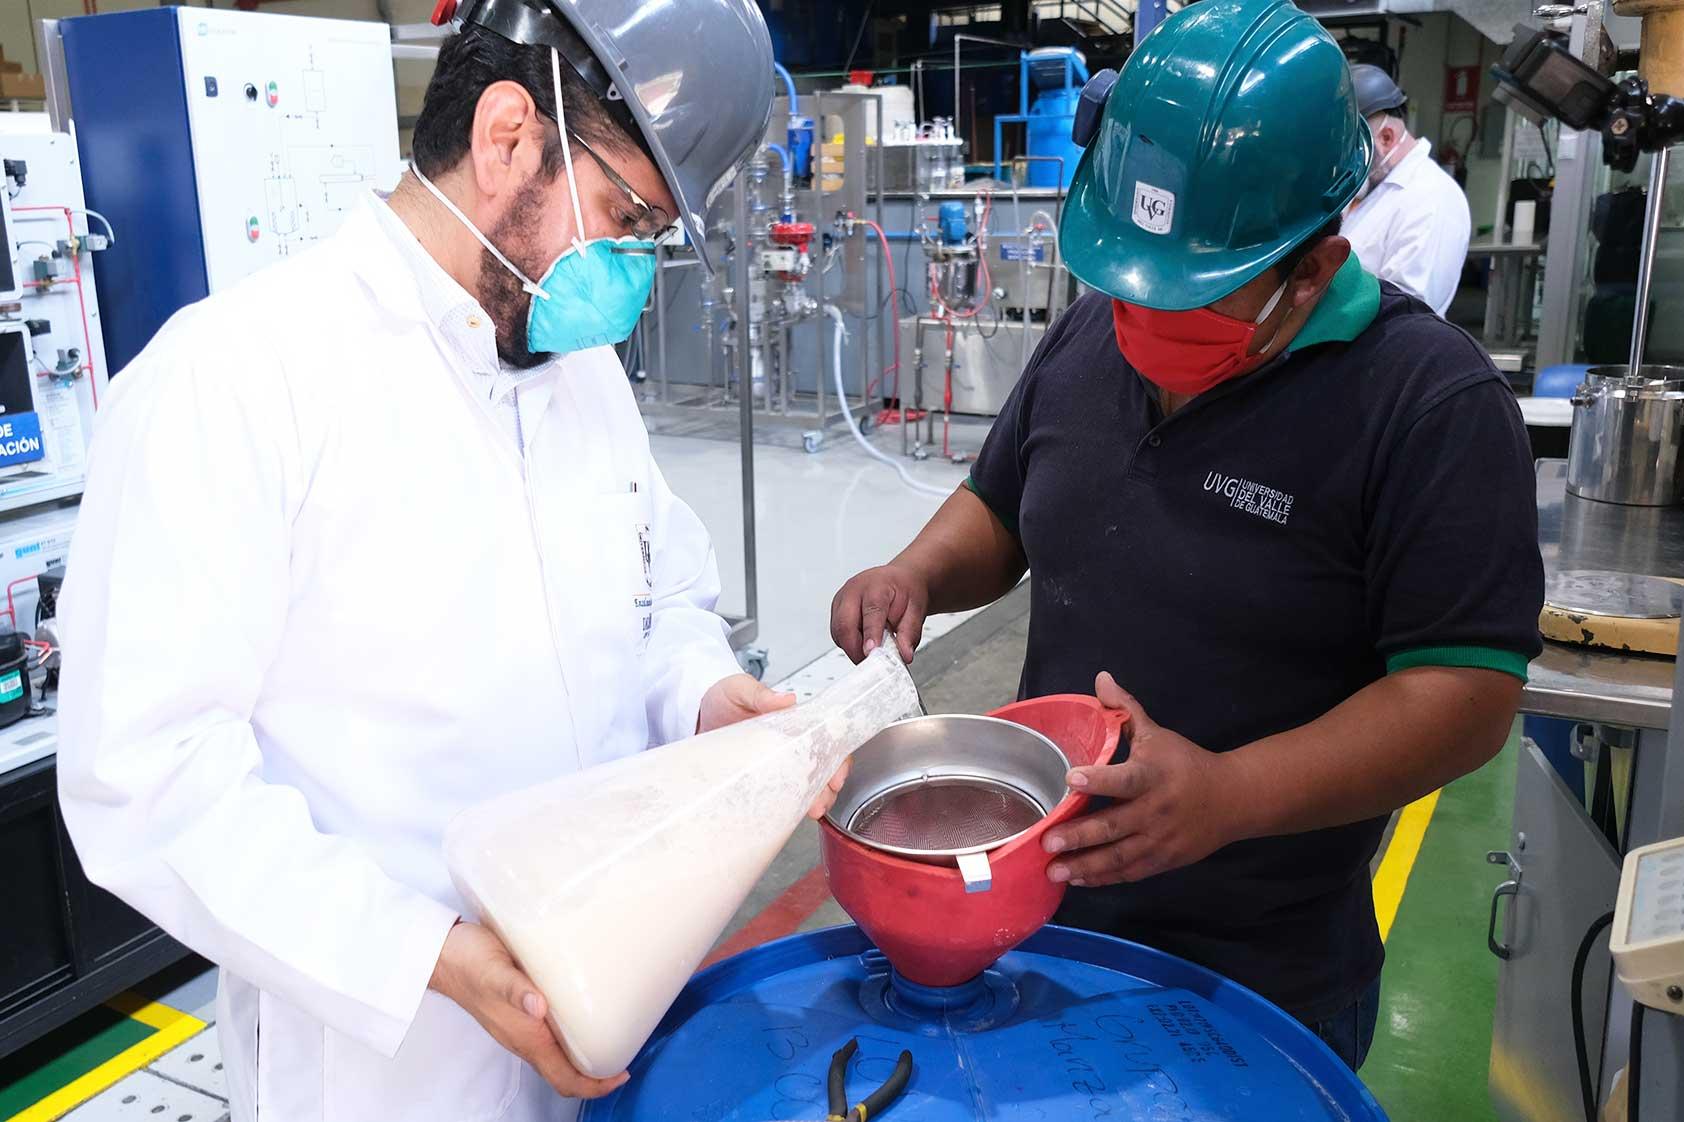 UVG continúa impactando a través de la producción de alcohol en gel